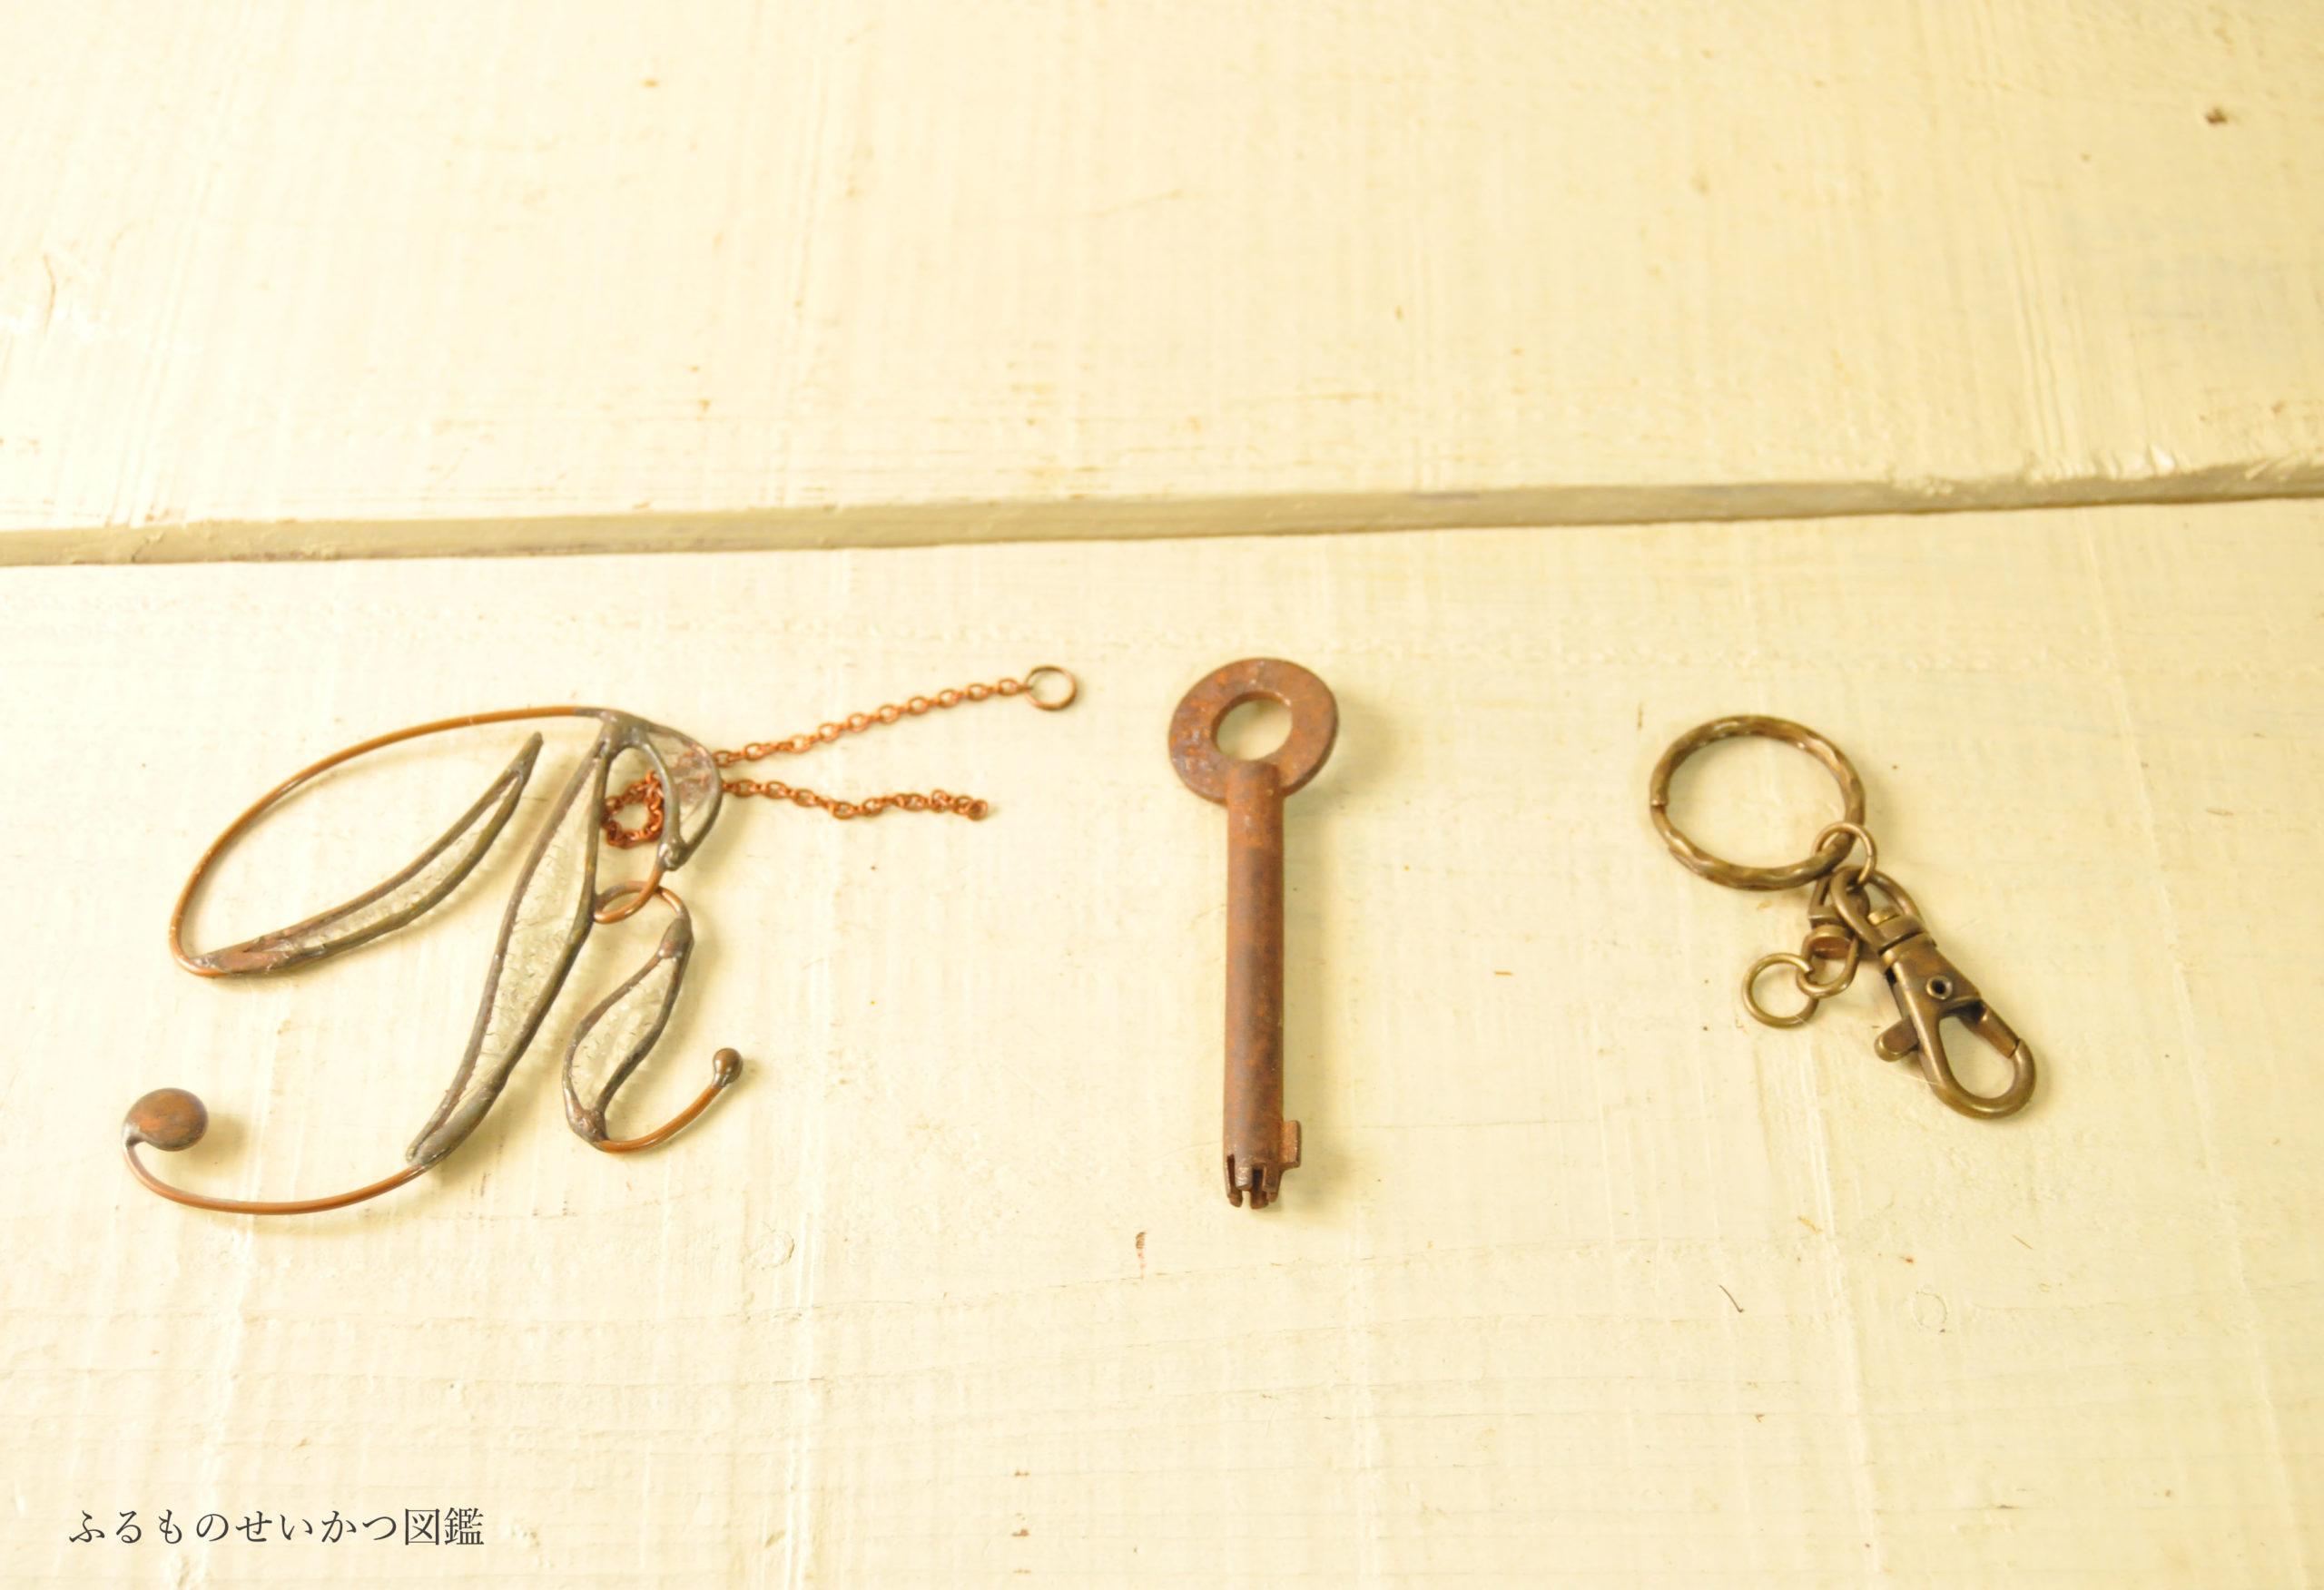 プレセントと古鍵とホルダー